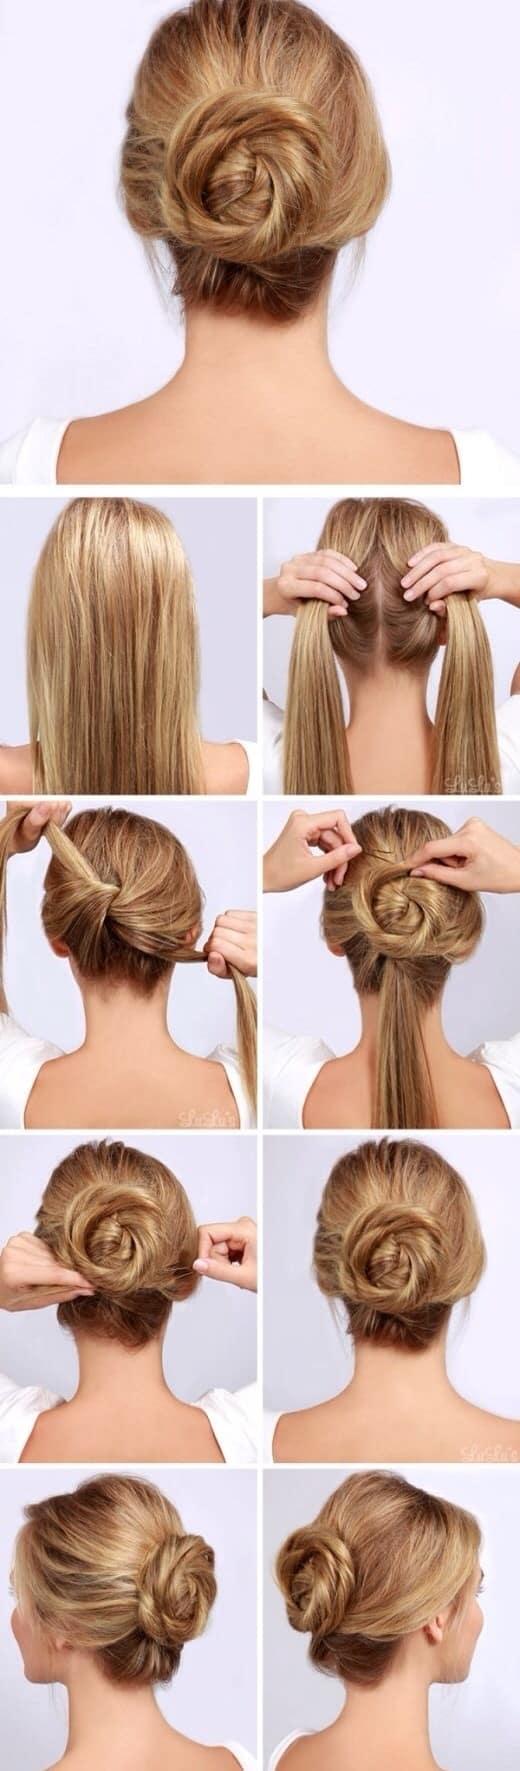 Peinados recogidos faciles paso por paso